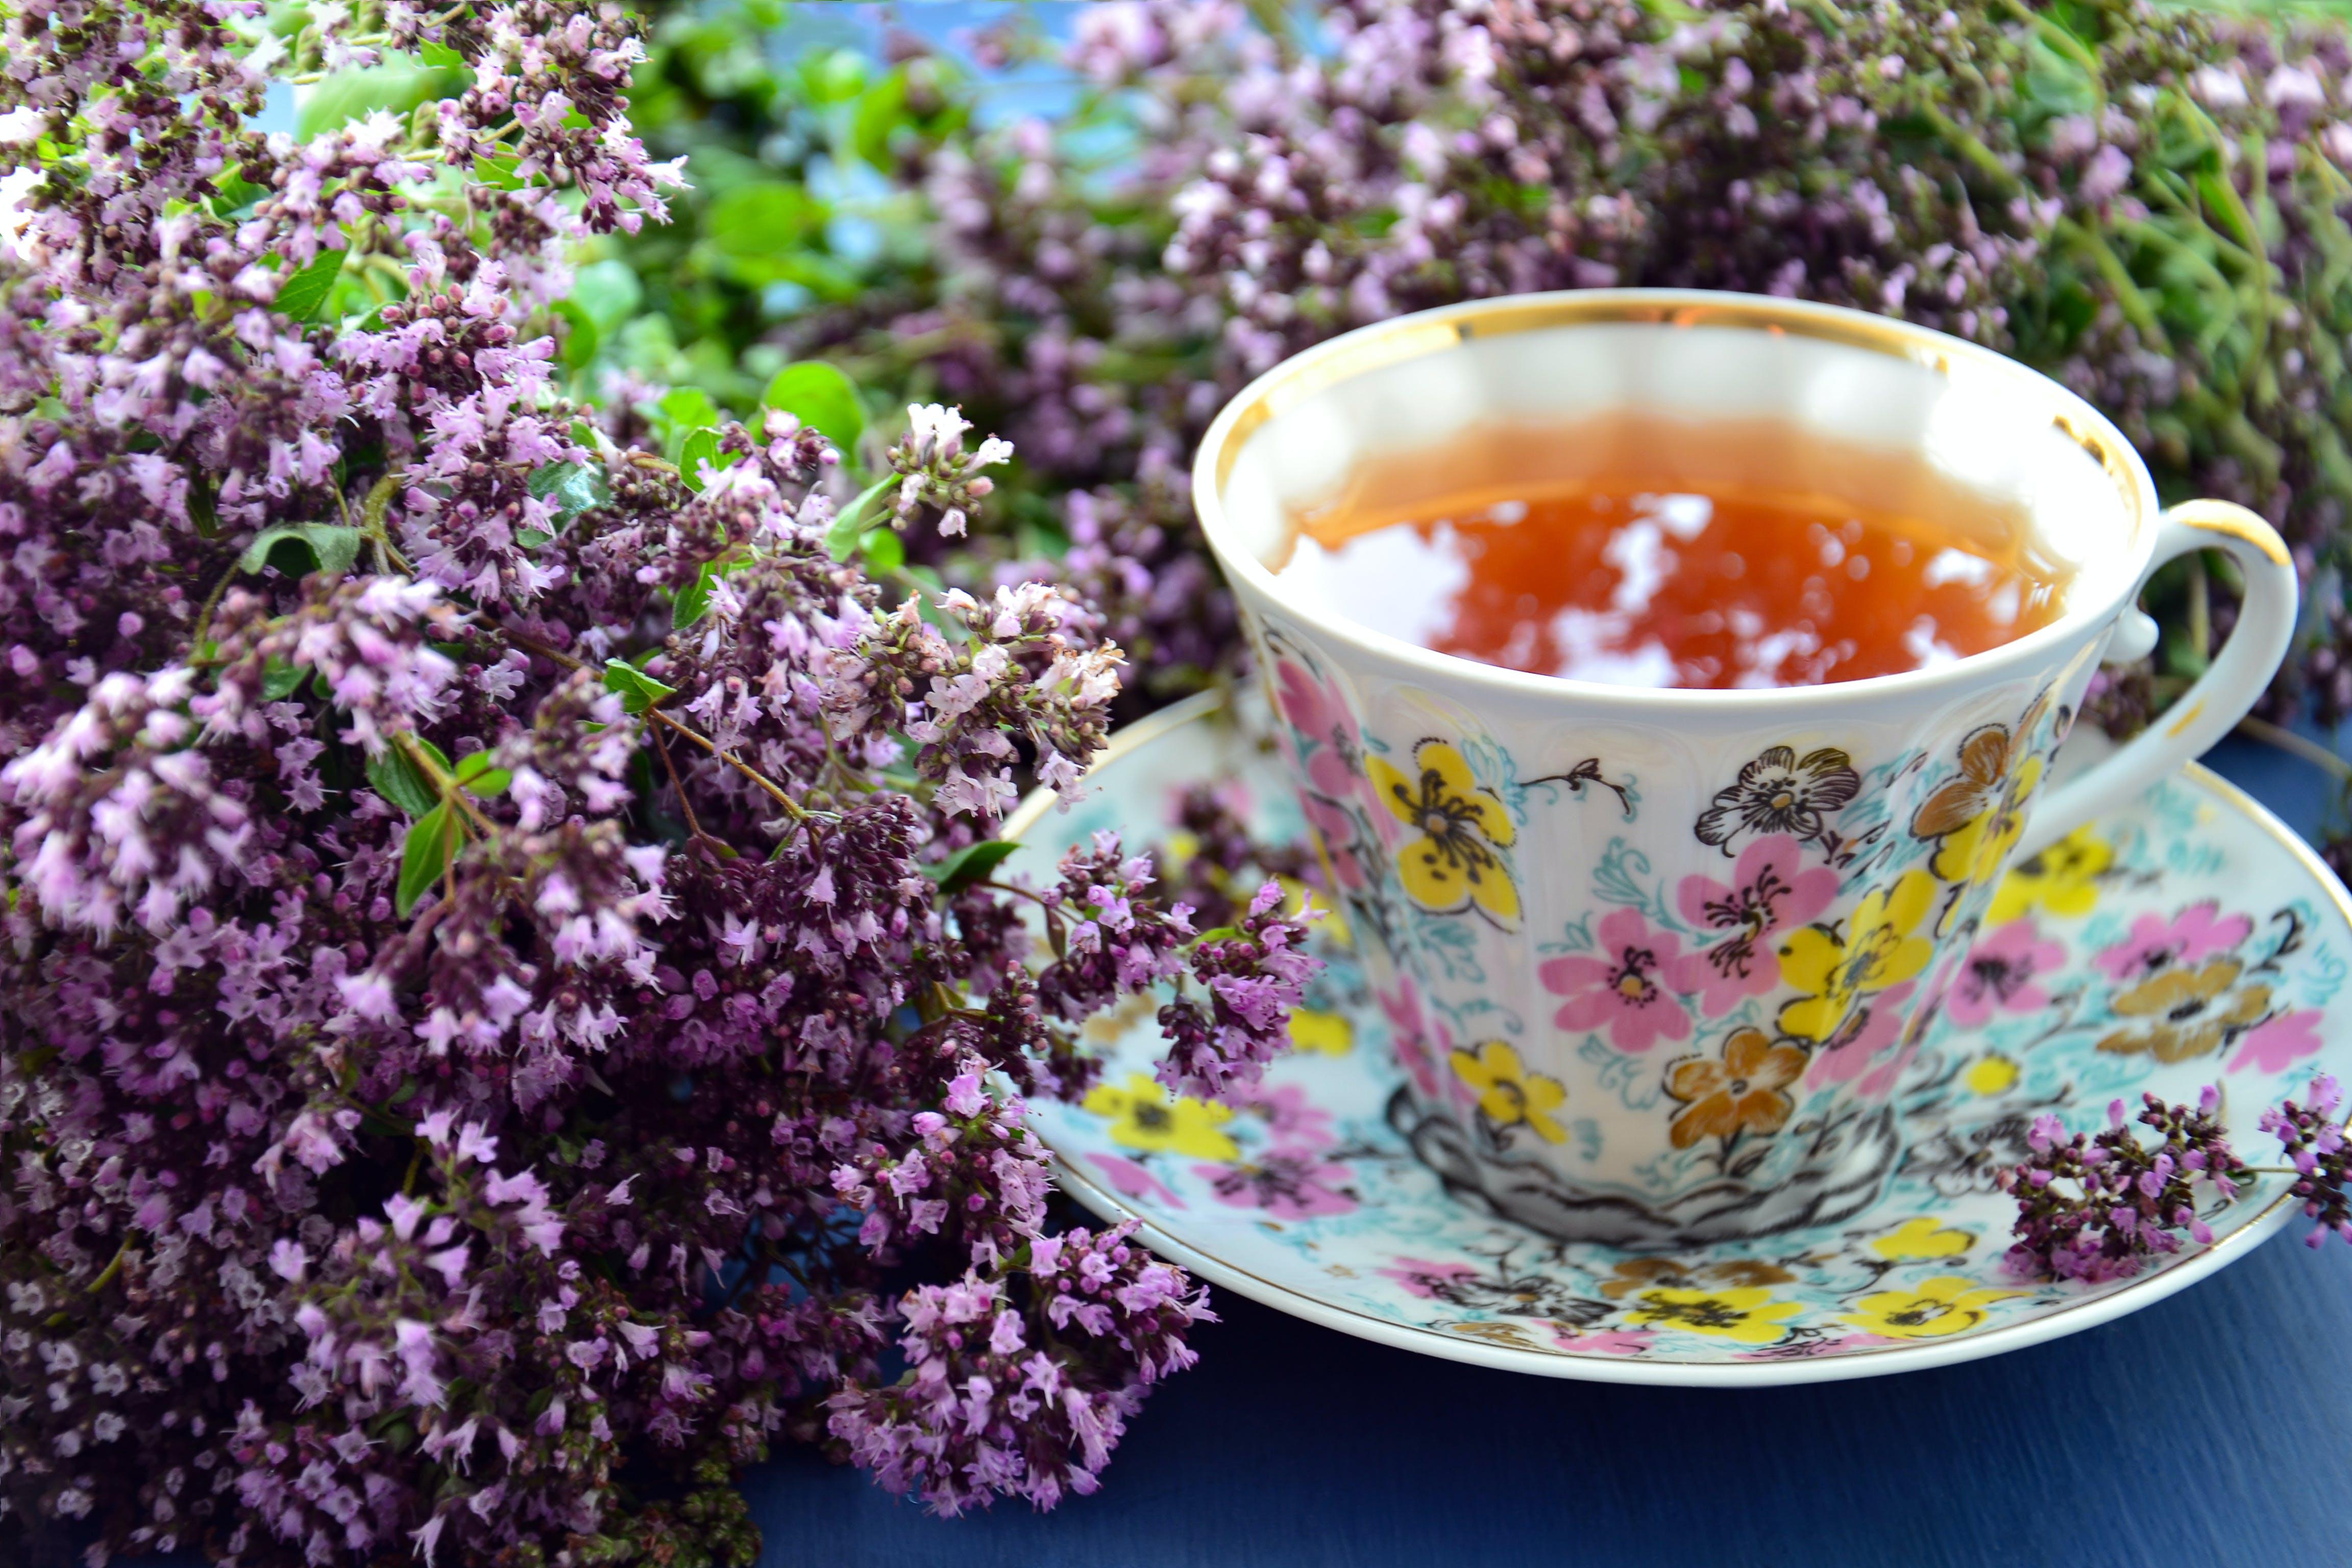 Free stock photo of травяной чай, фарфоровая чашка, фиолетовые цветы, чай